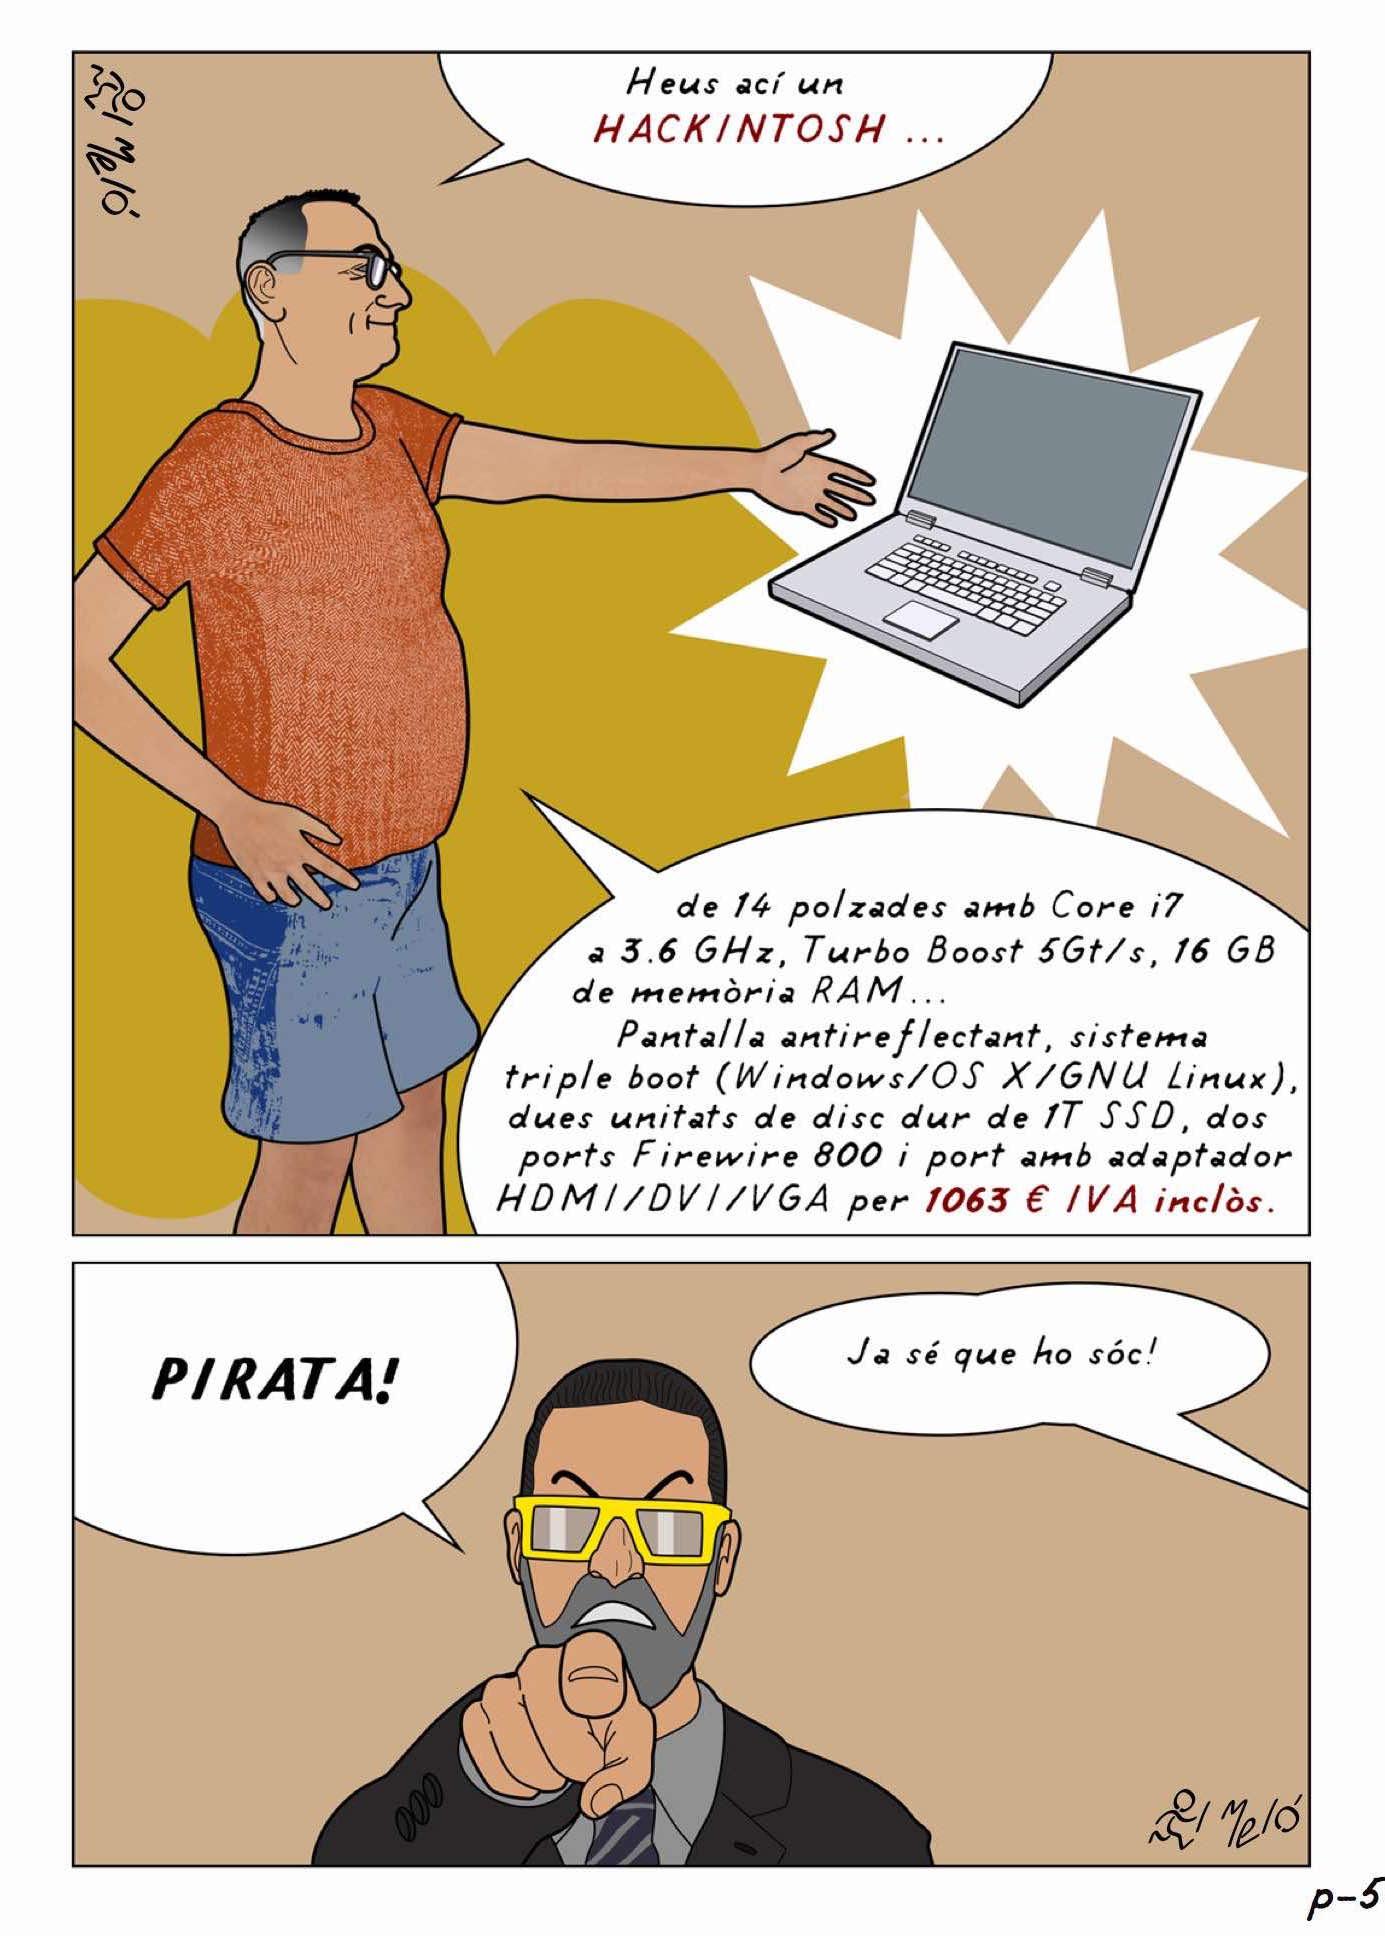 Per què Hackintosh? (5) | Vila-real en vinyetes